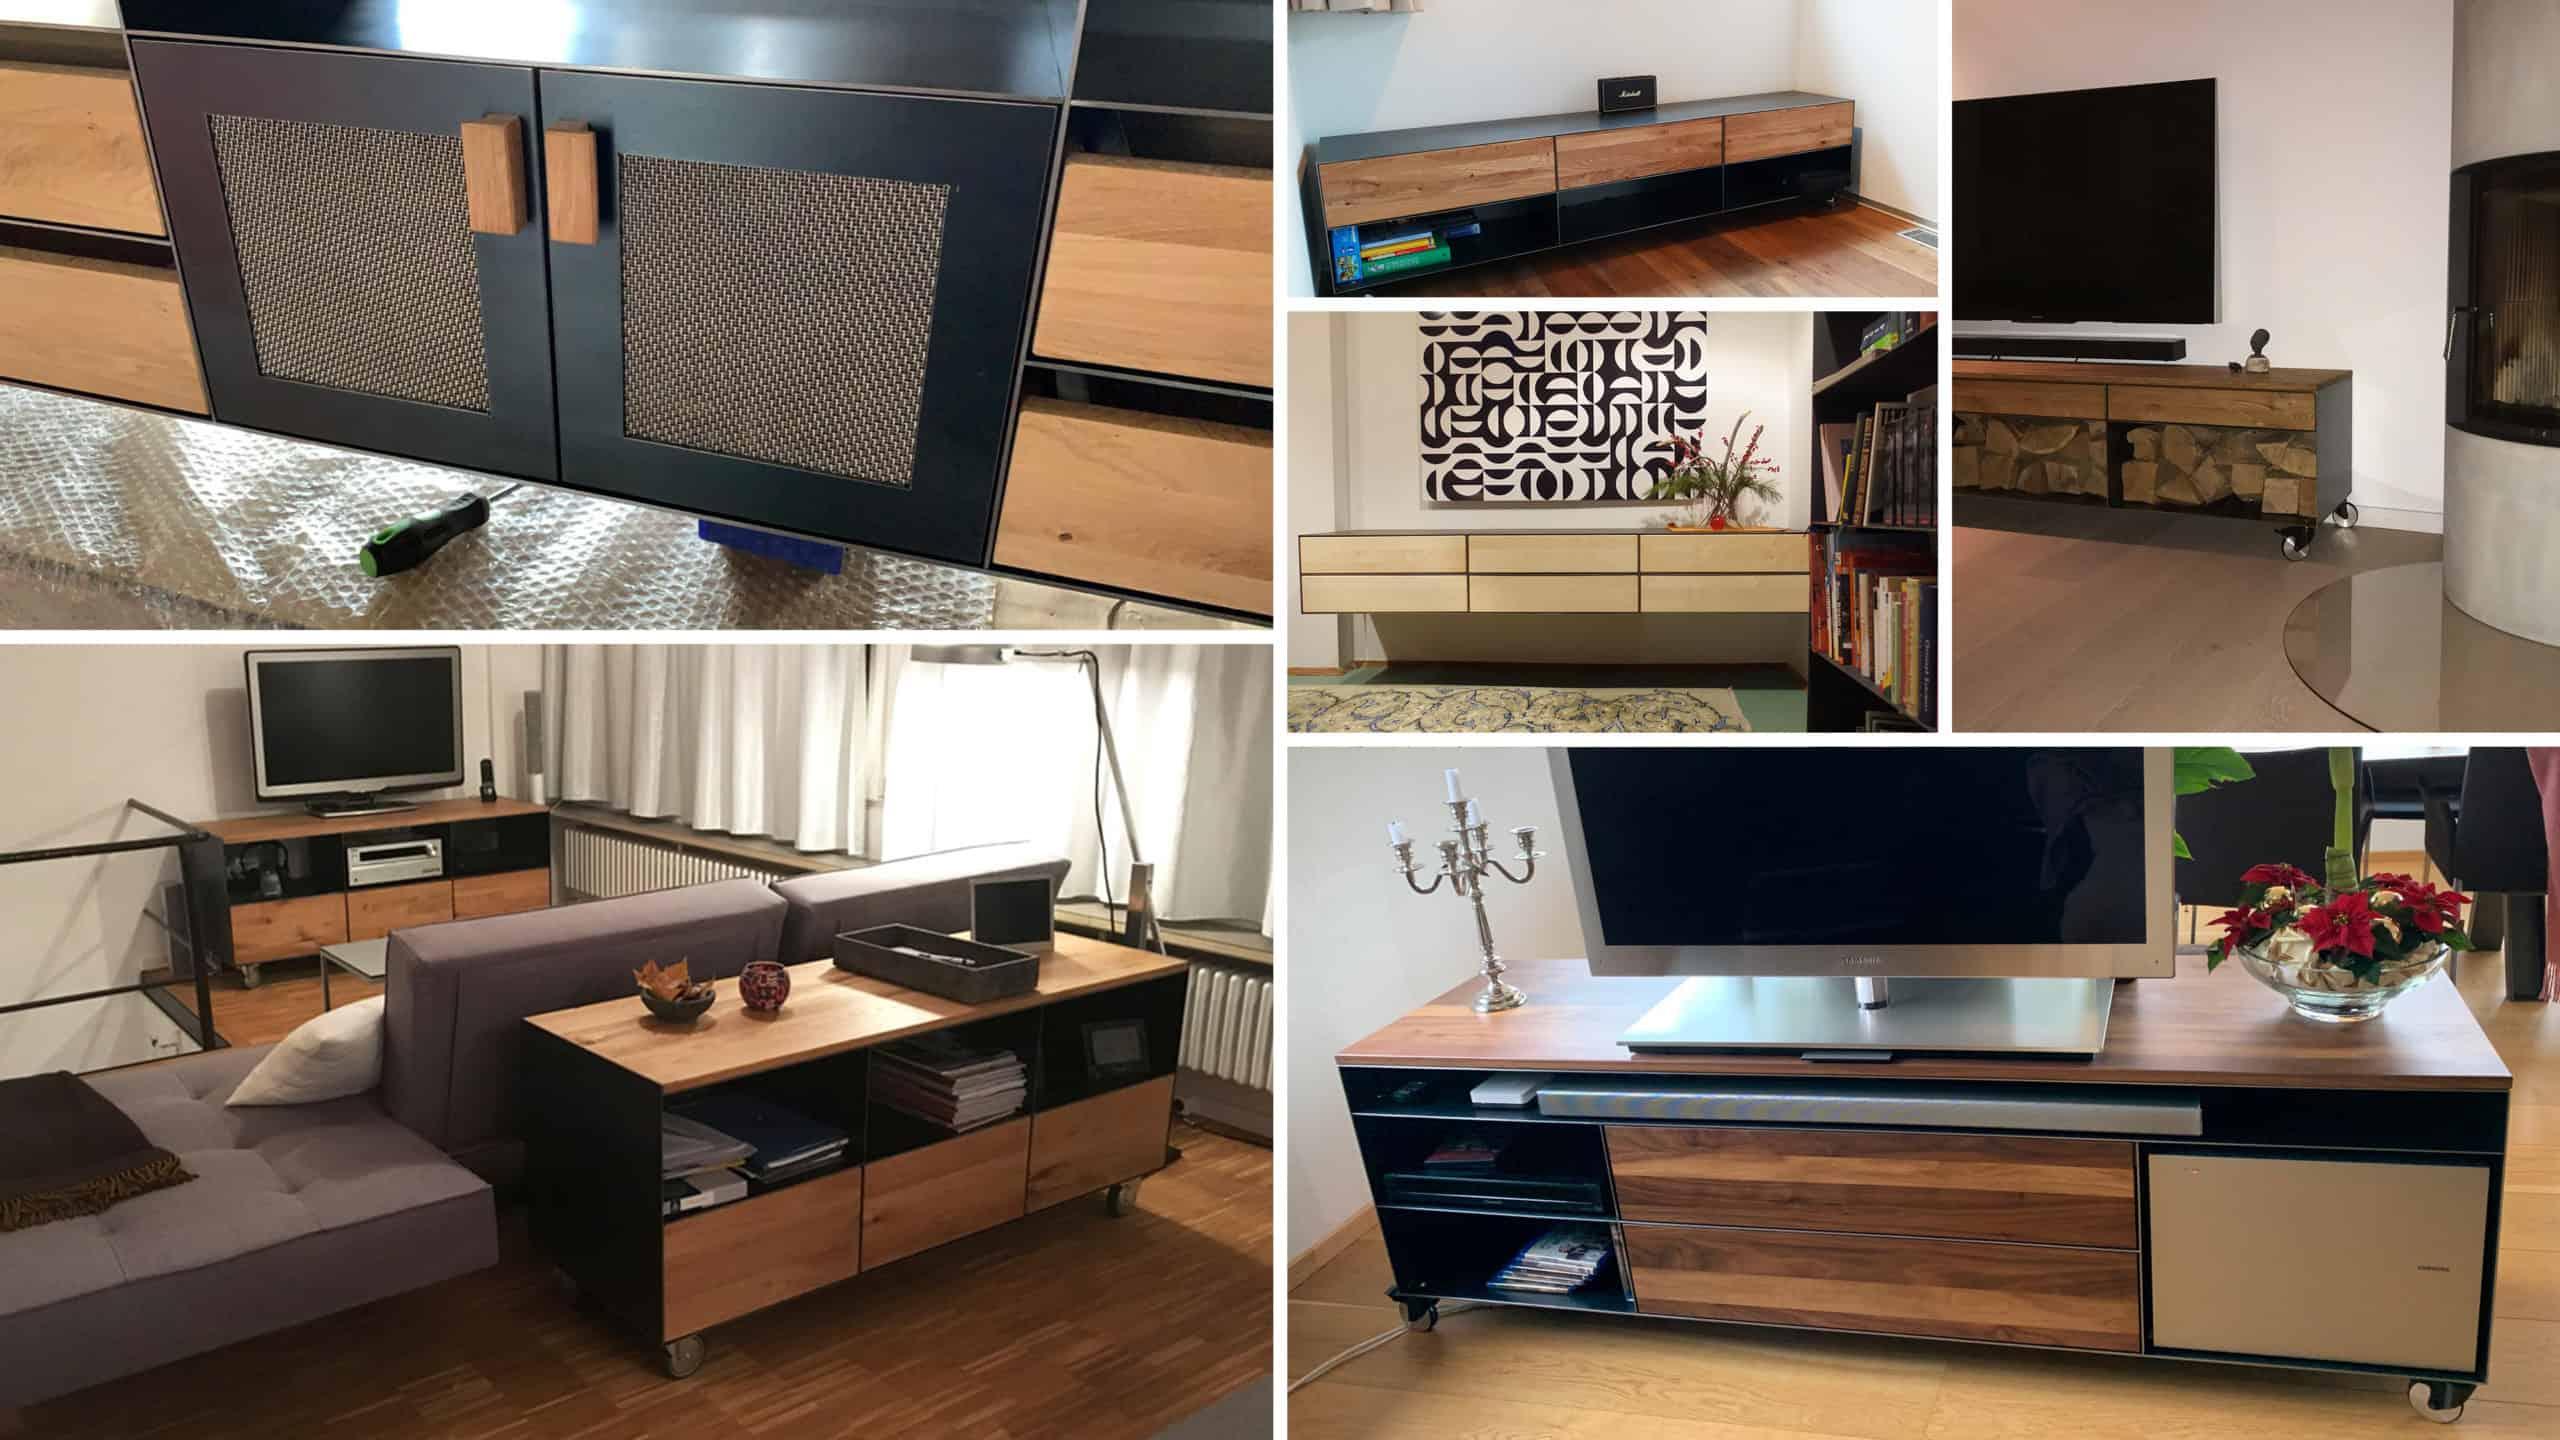 stahlzart-lowboard-tv-schwarz-grau-holz-eiche-metall-modern-design-designer-massivholz-wildeiche-weiss-stahl-mit-schubladen-auf-rollen-nussbaum-rohstahl